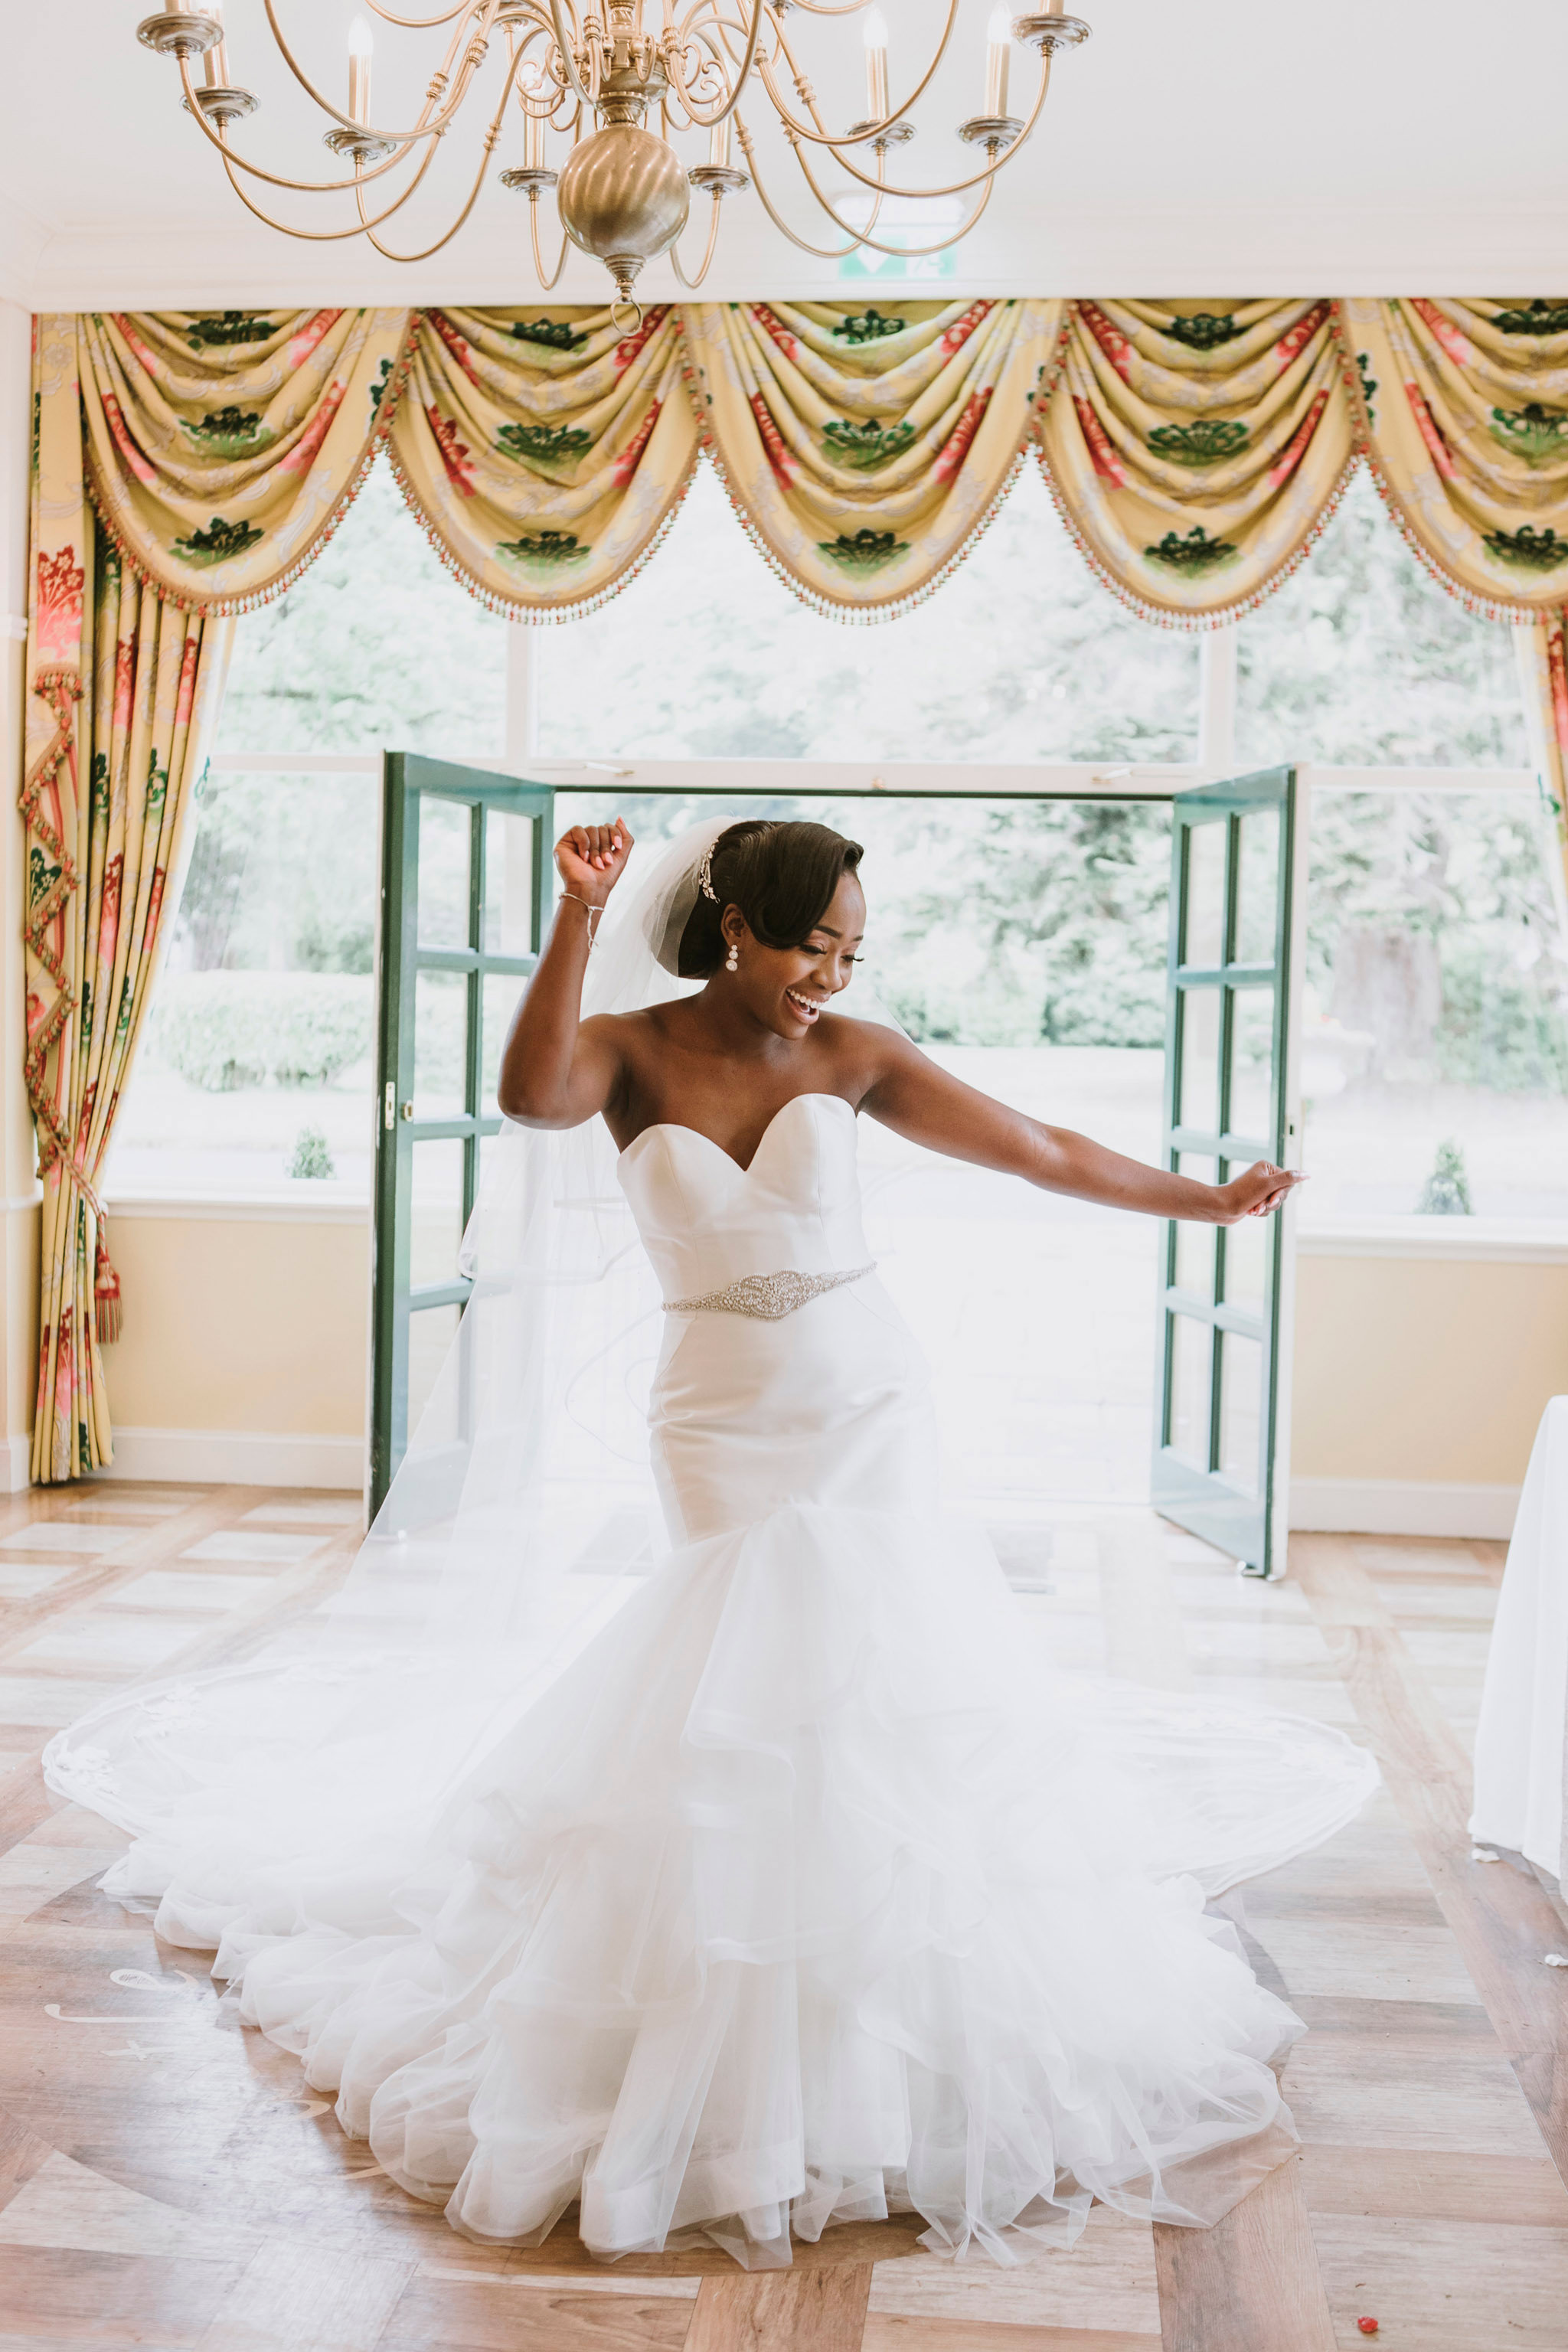 scotland-wedding-elopement-photographer-067.jpg